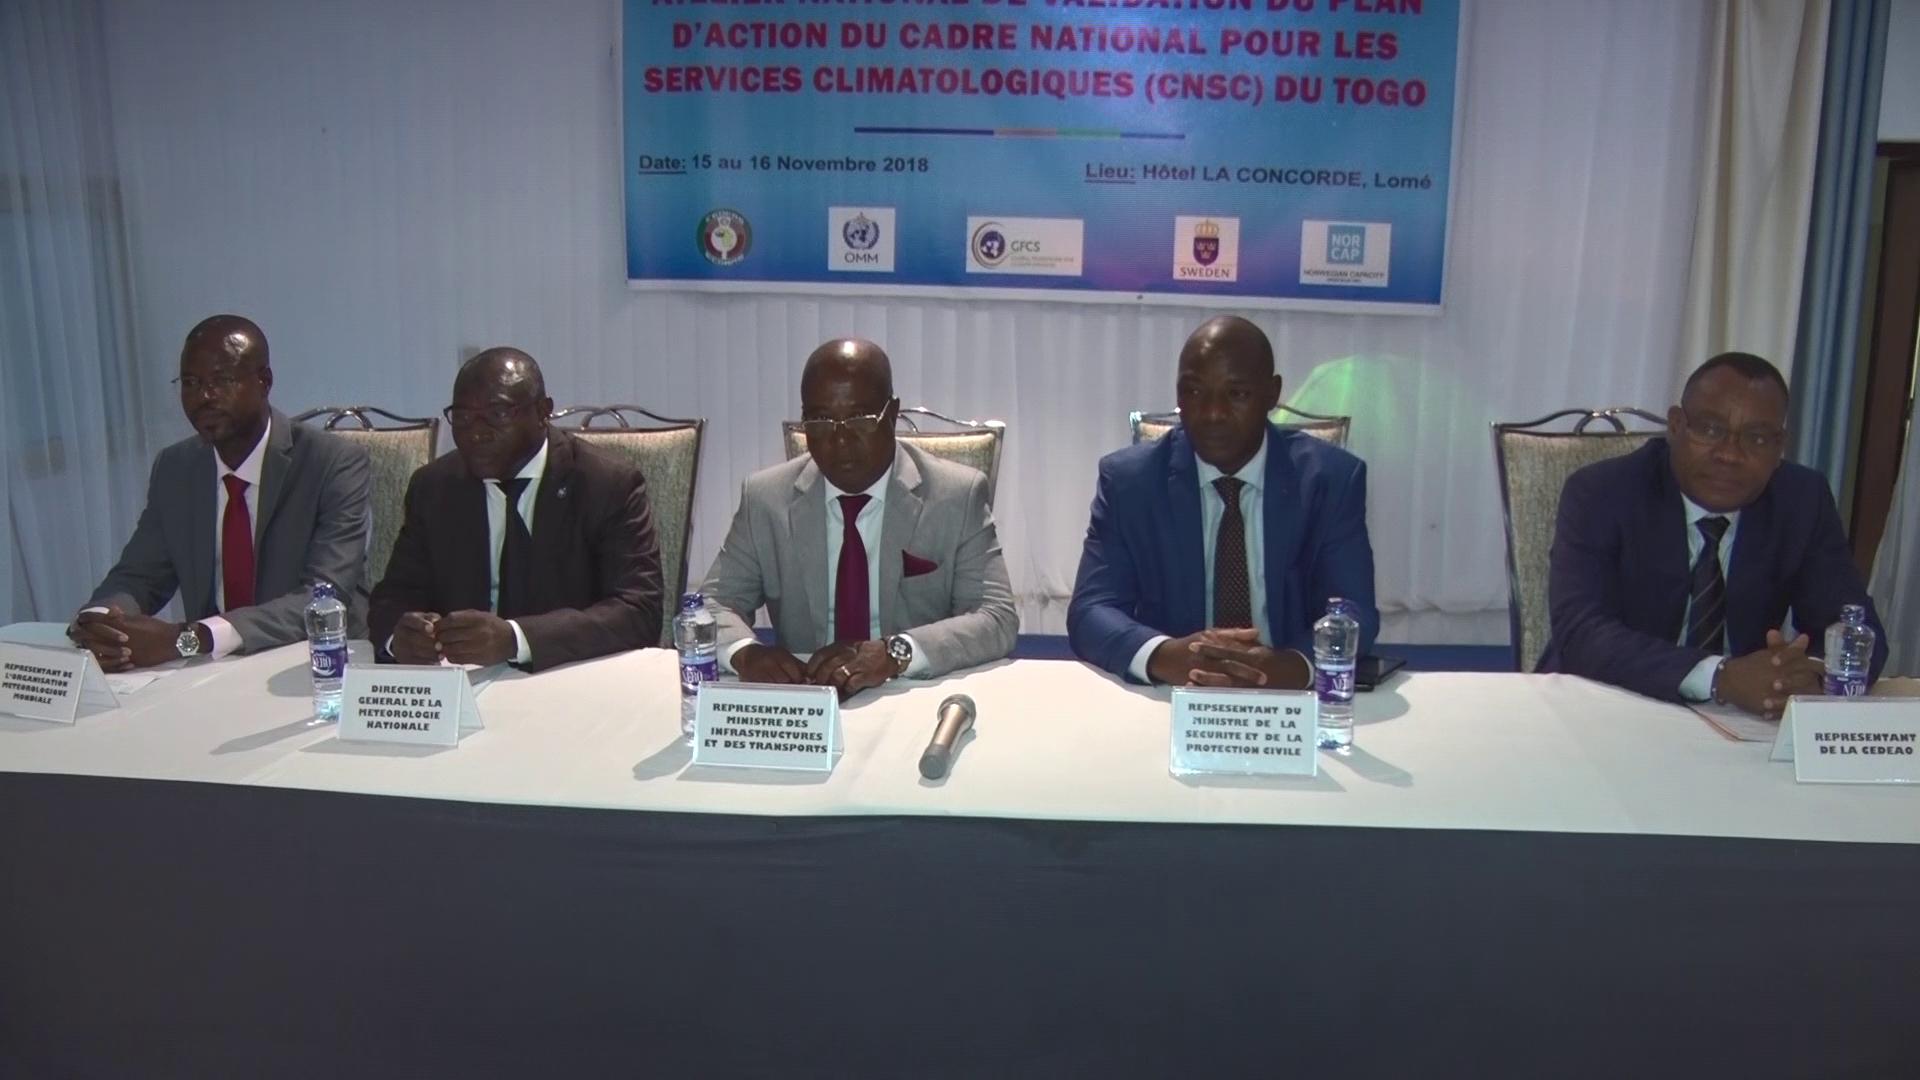 VALIDATION CADRE NATIONAL SERVICE CLIMATOLOGIQUE DU TOGO